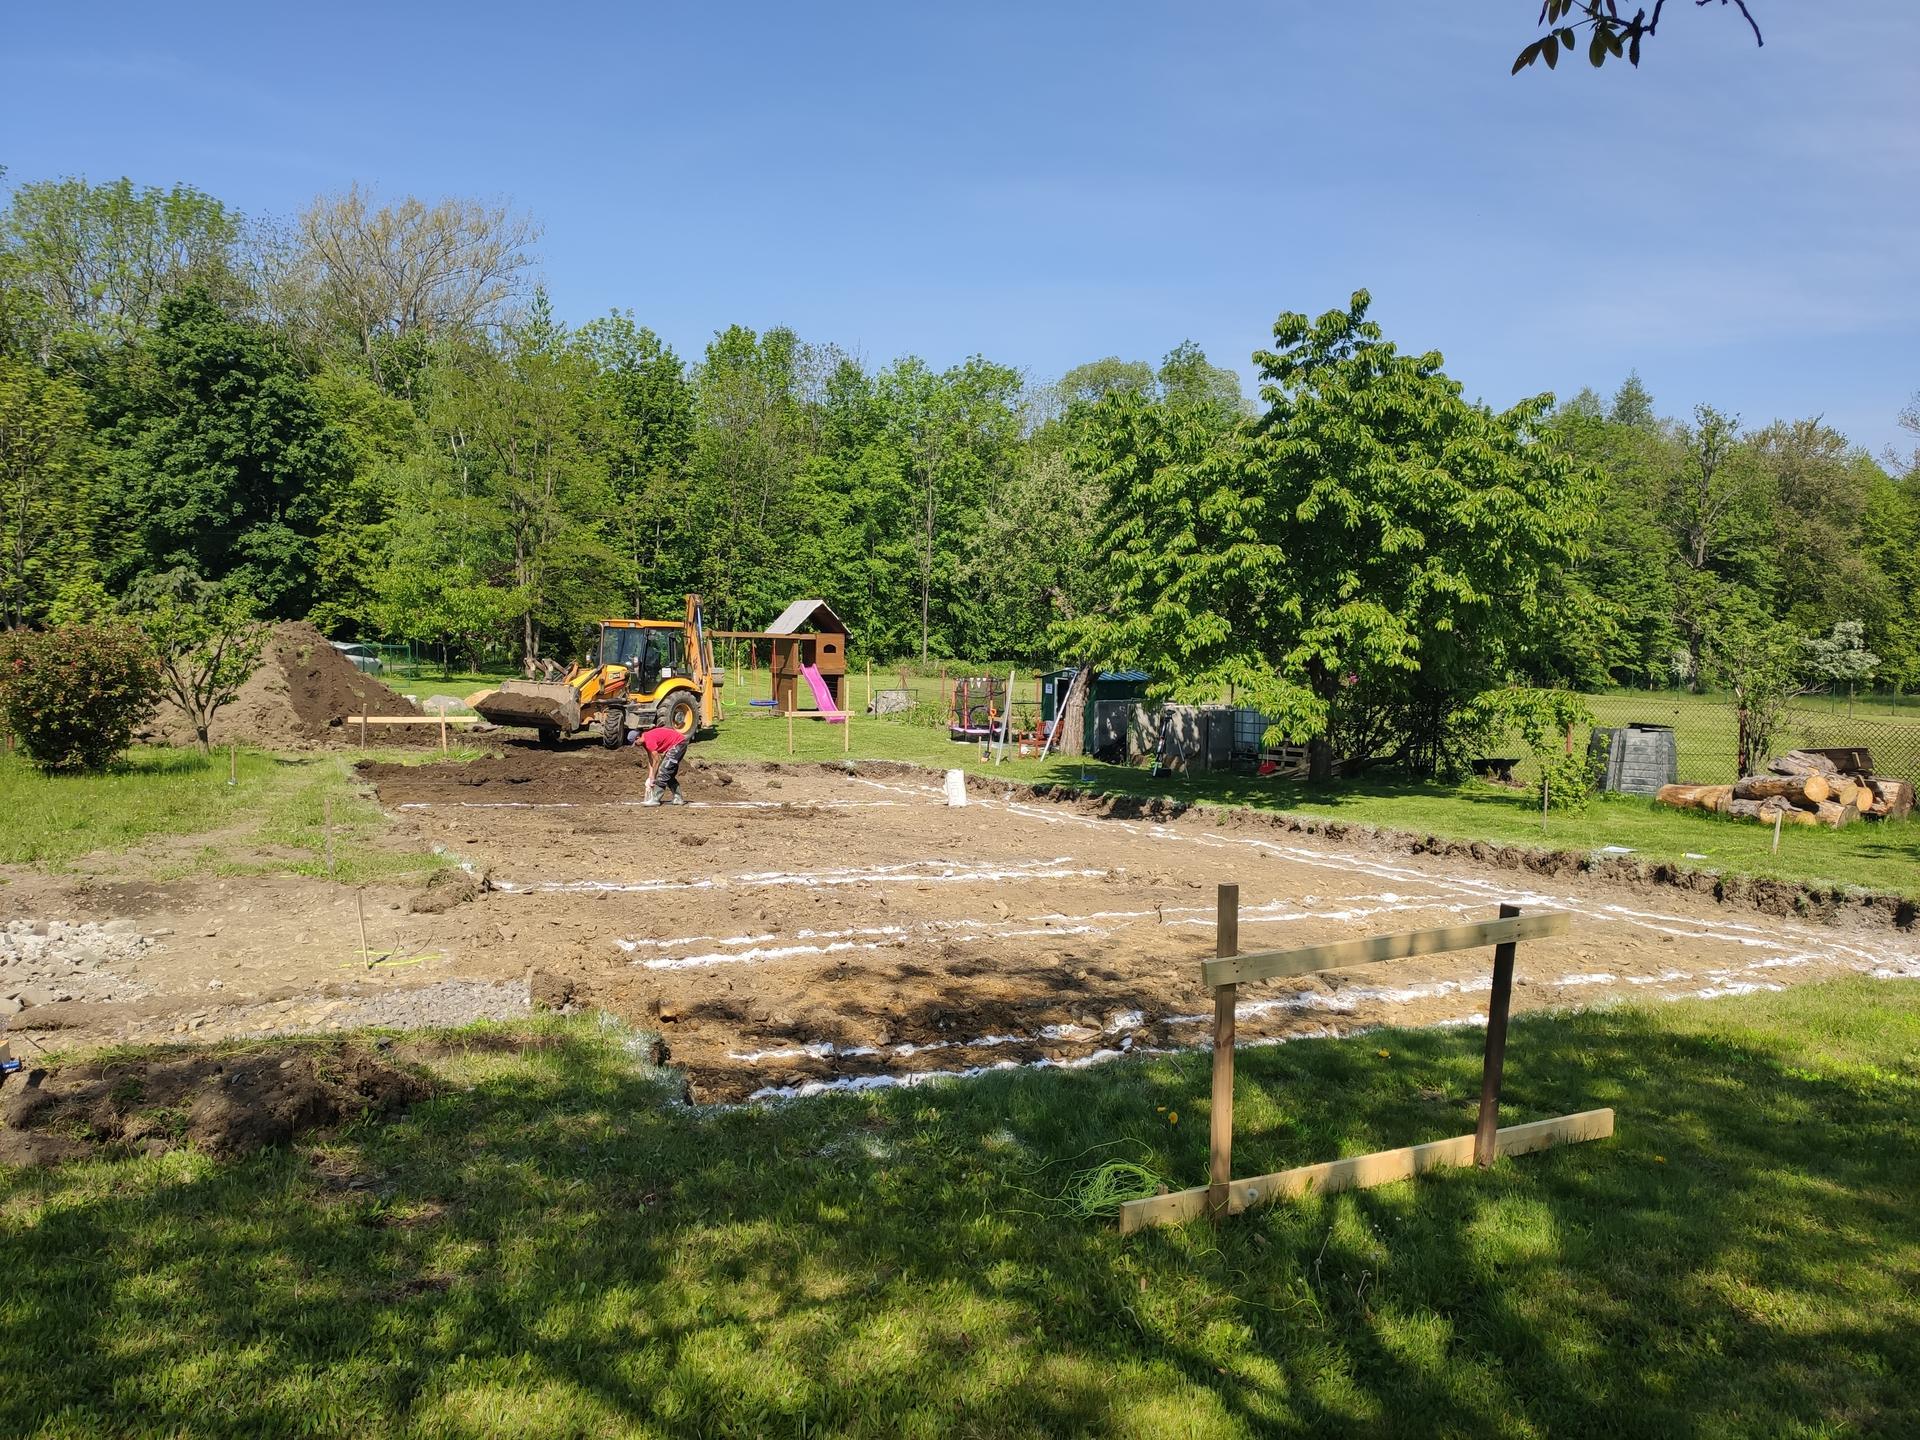 Začínáme si stavět náš dům 2020 - Obrázek č. 15